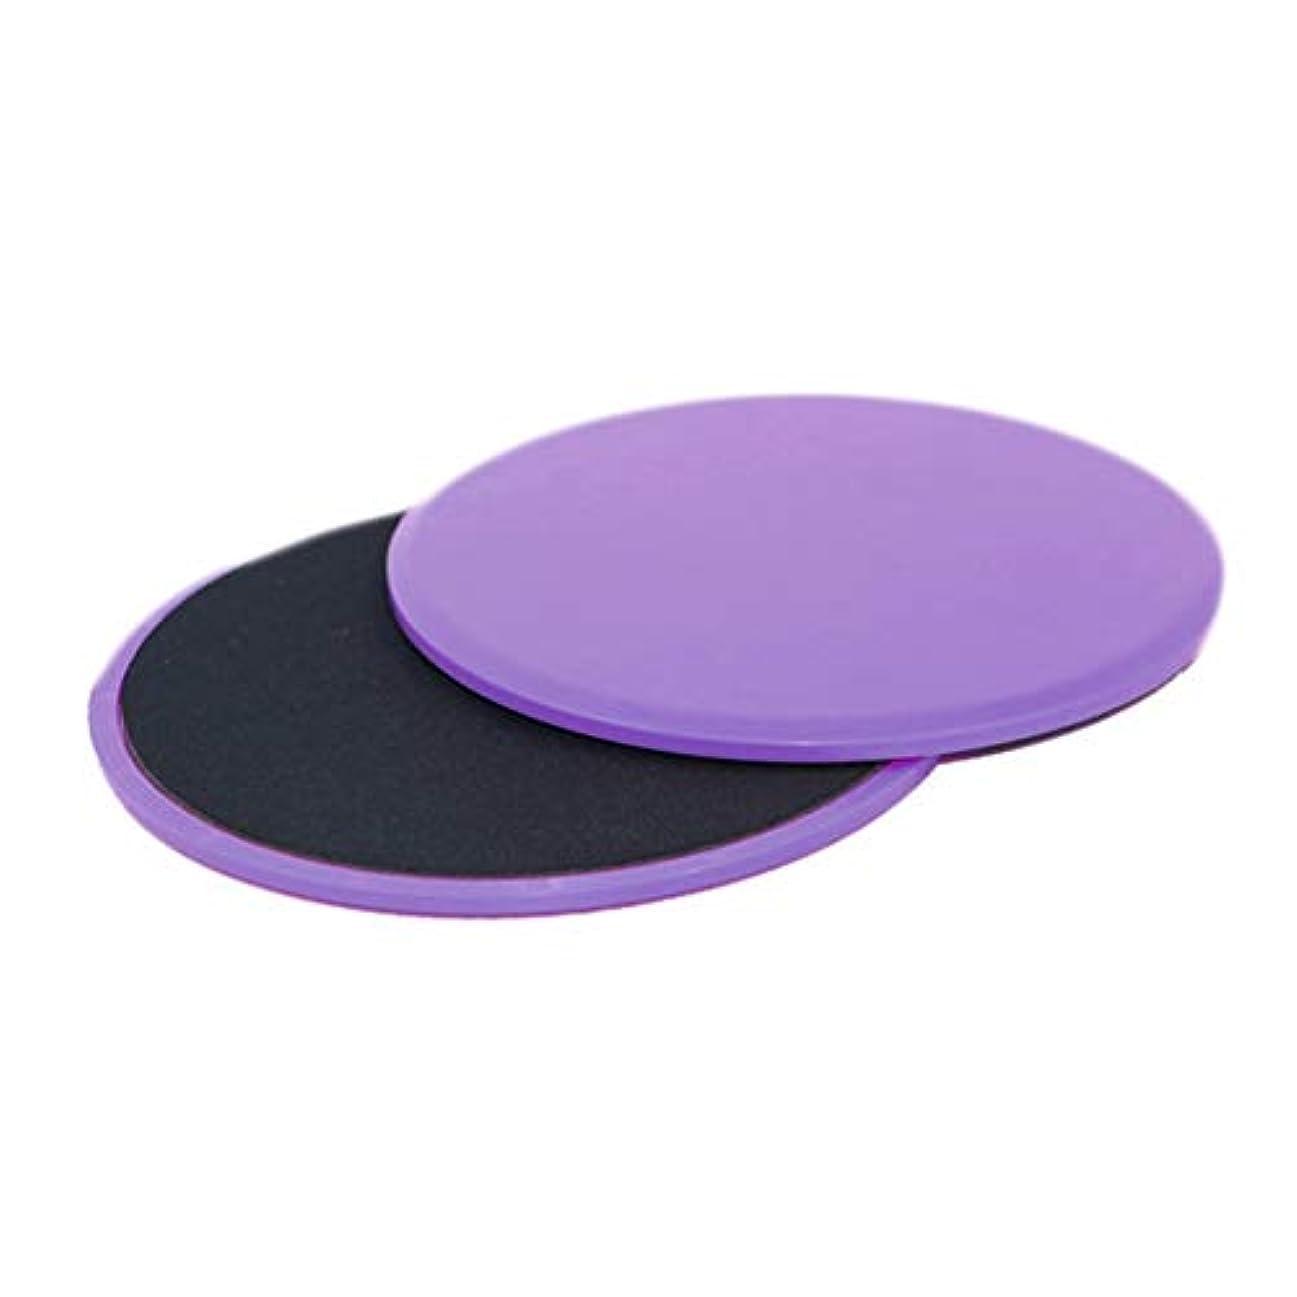 茎ペリスコープ過言フィットネススライドグライディングディスク調整能力フィットネスエクササイズスライダーコアトレーニング腹部と全身トレーニング - パープル